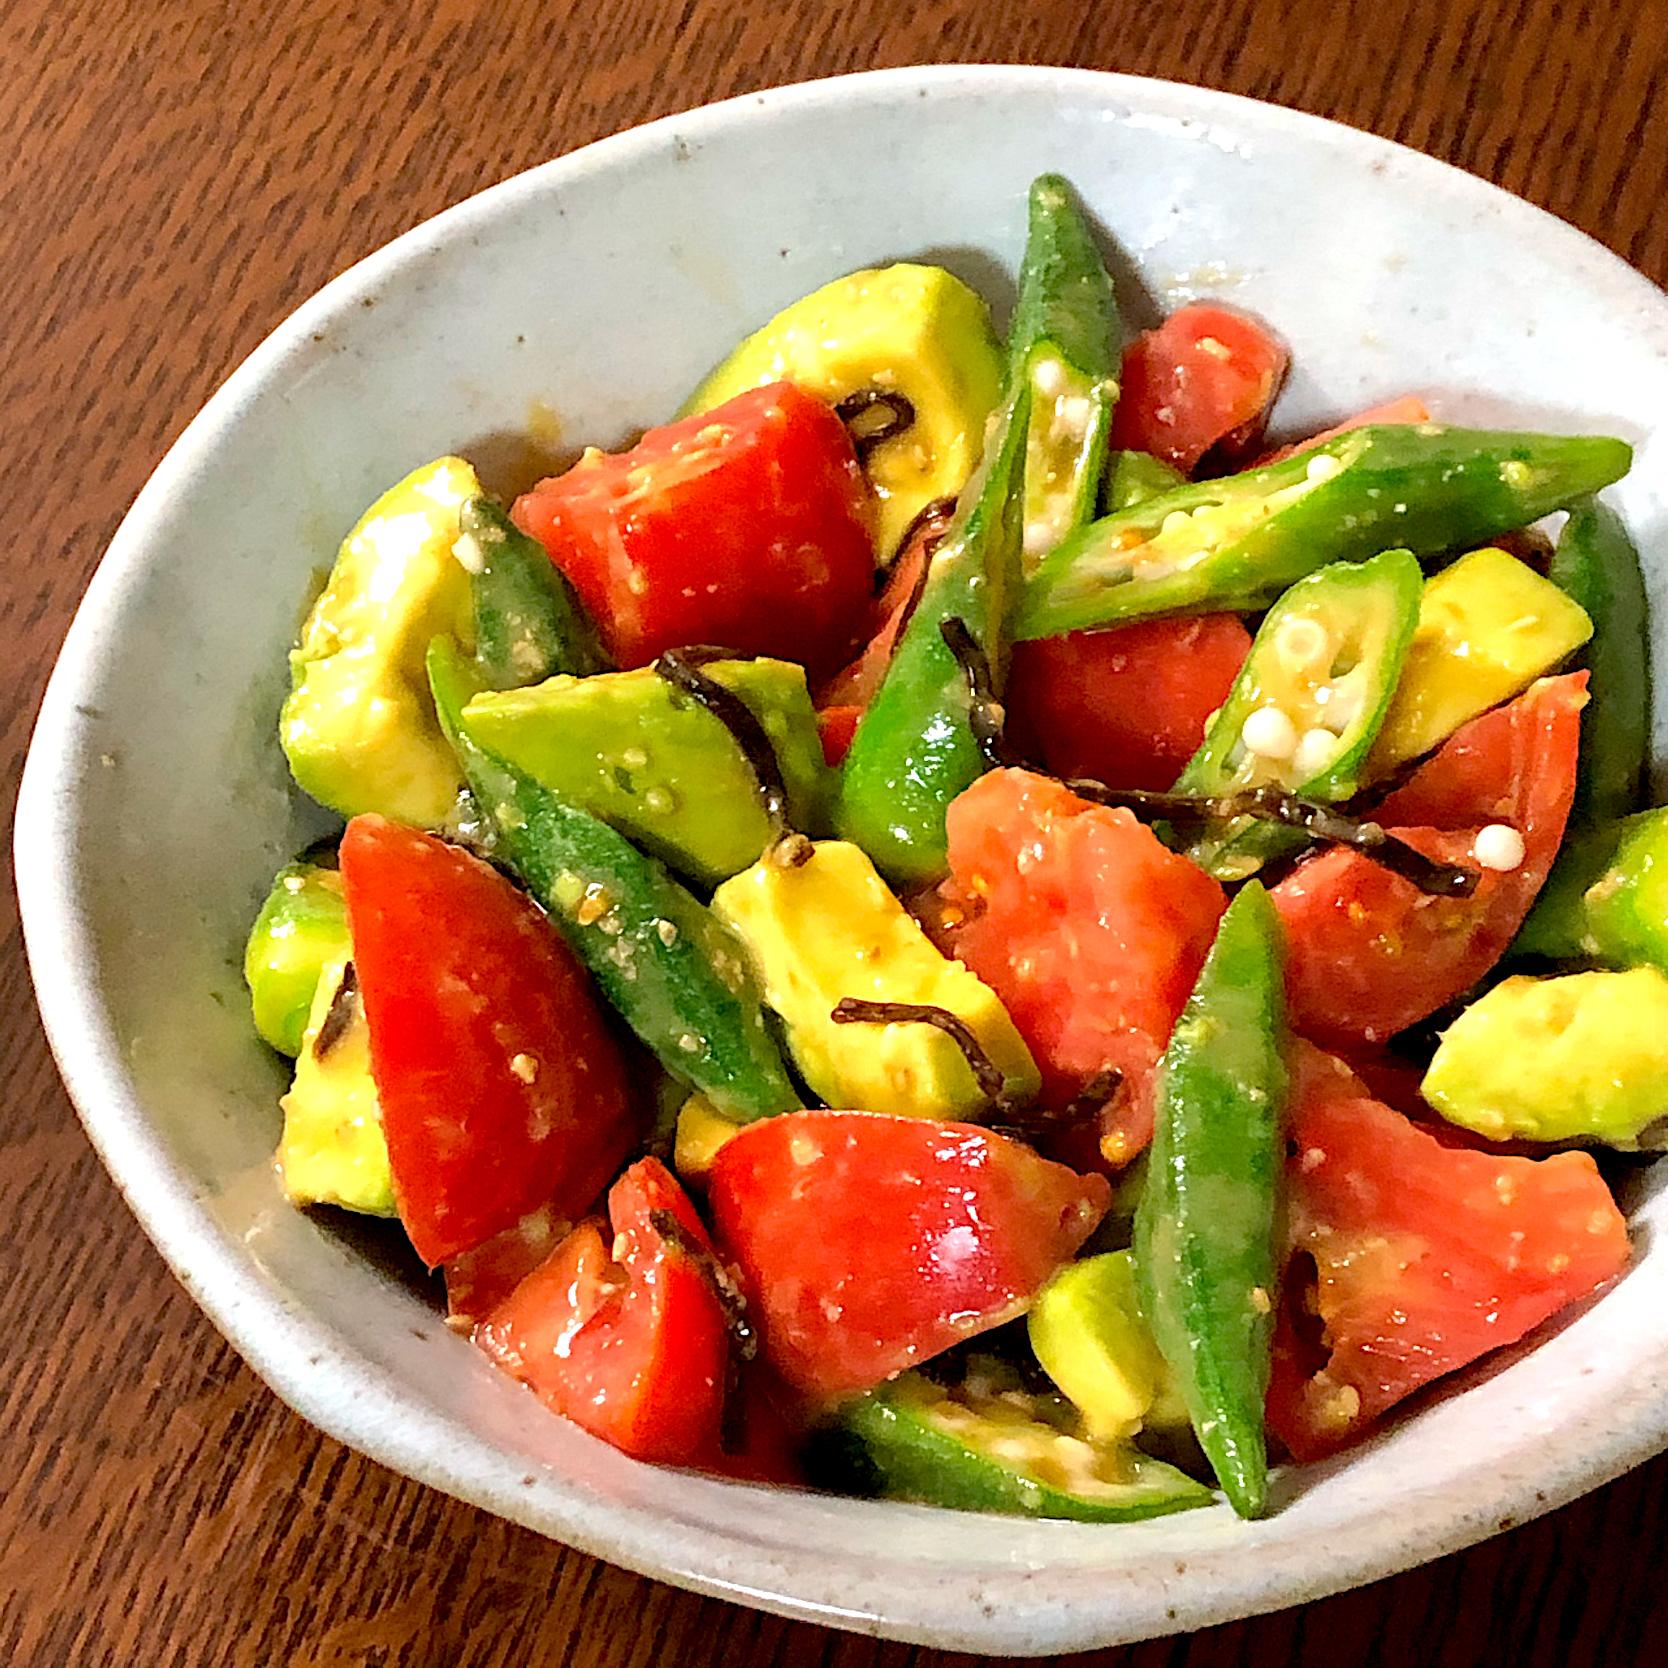 オクラトマトアボカドのささっと和風サラダ